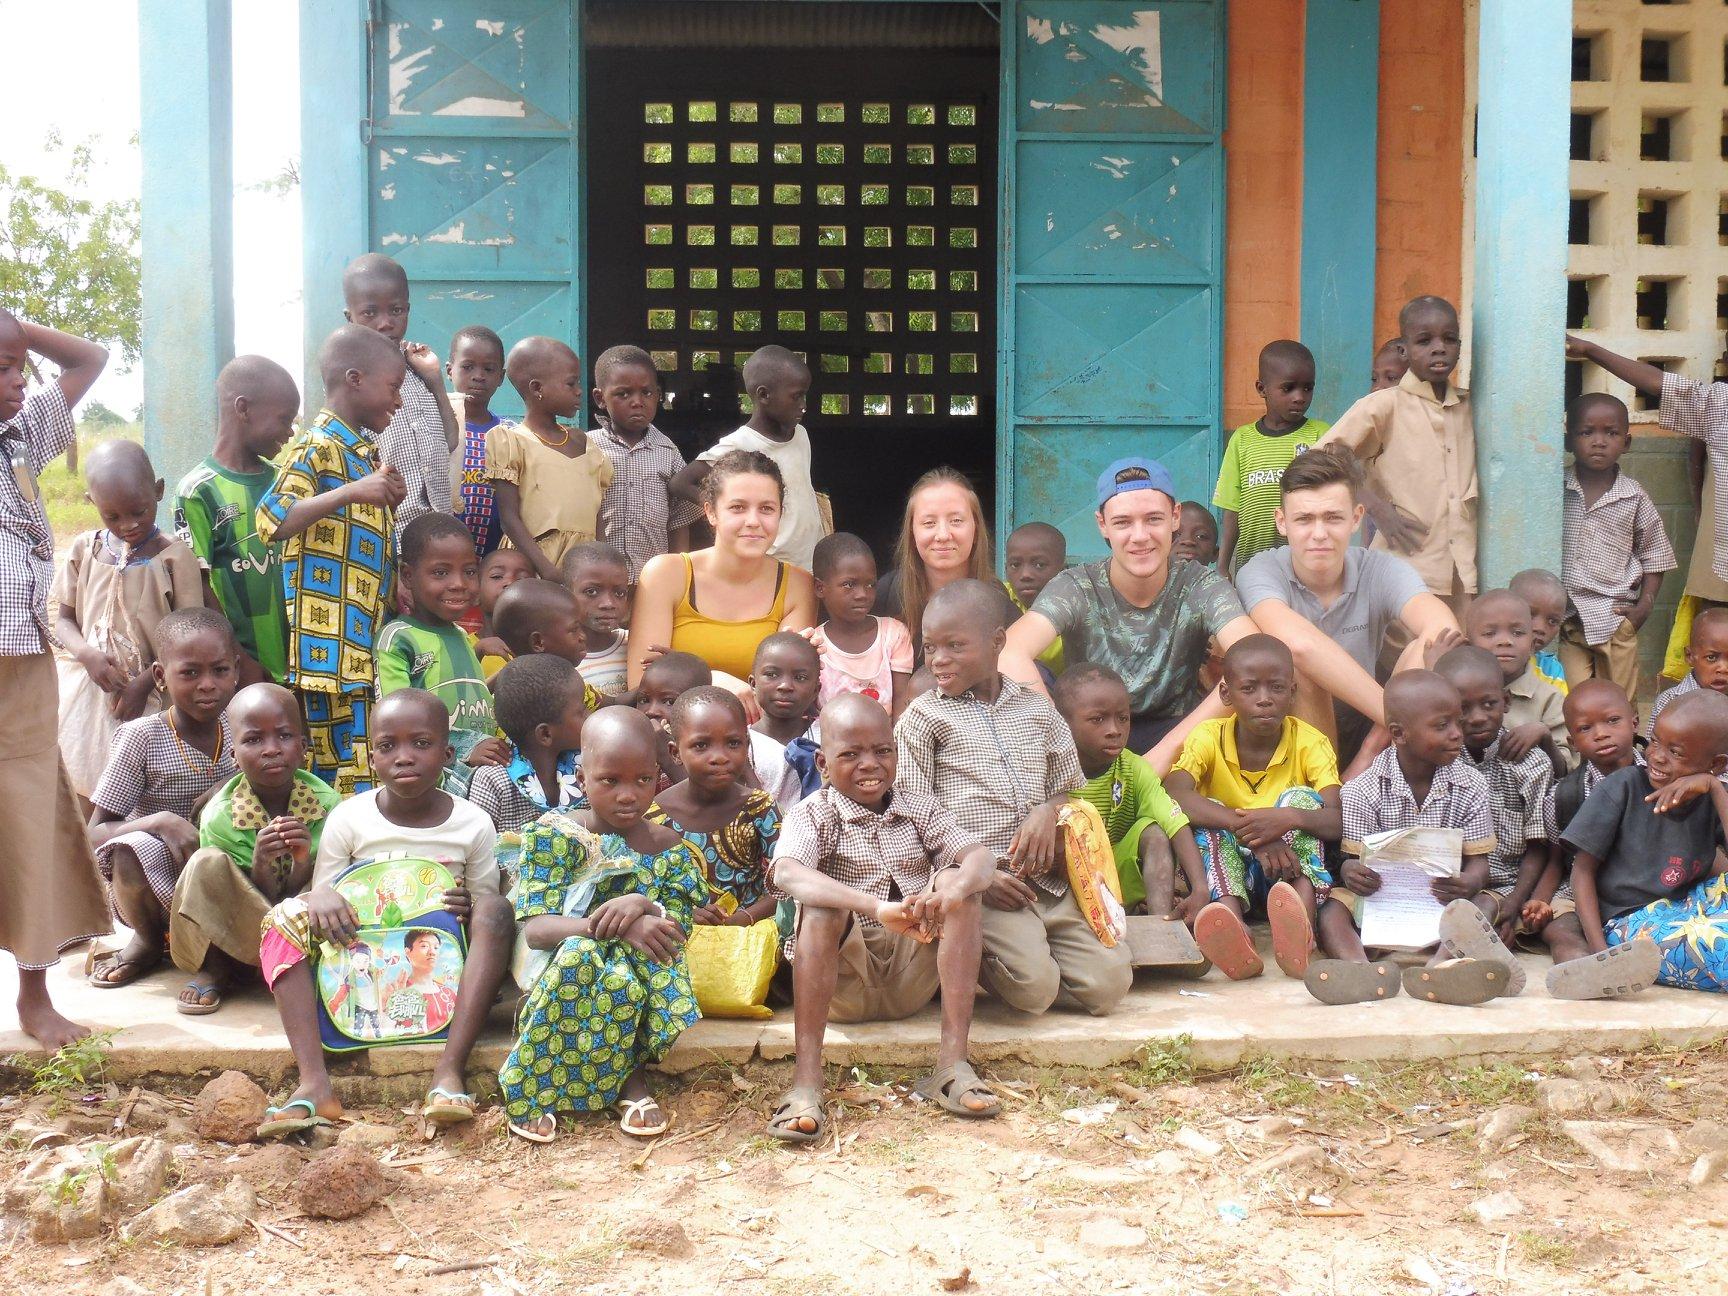 Séjour au Togo pour les lycéens de St Clair à Derval